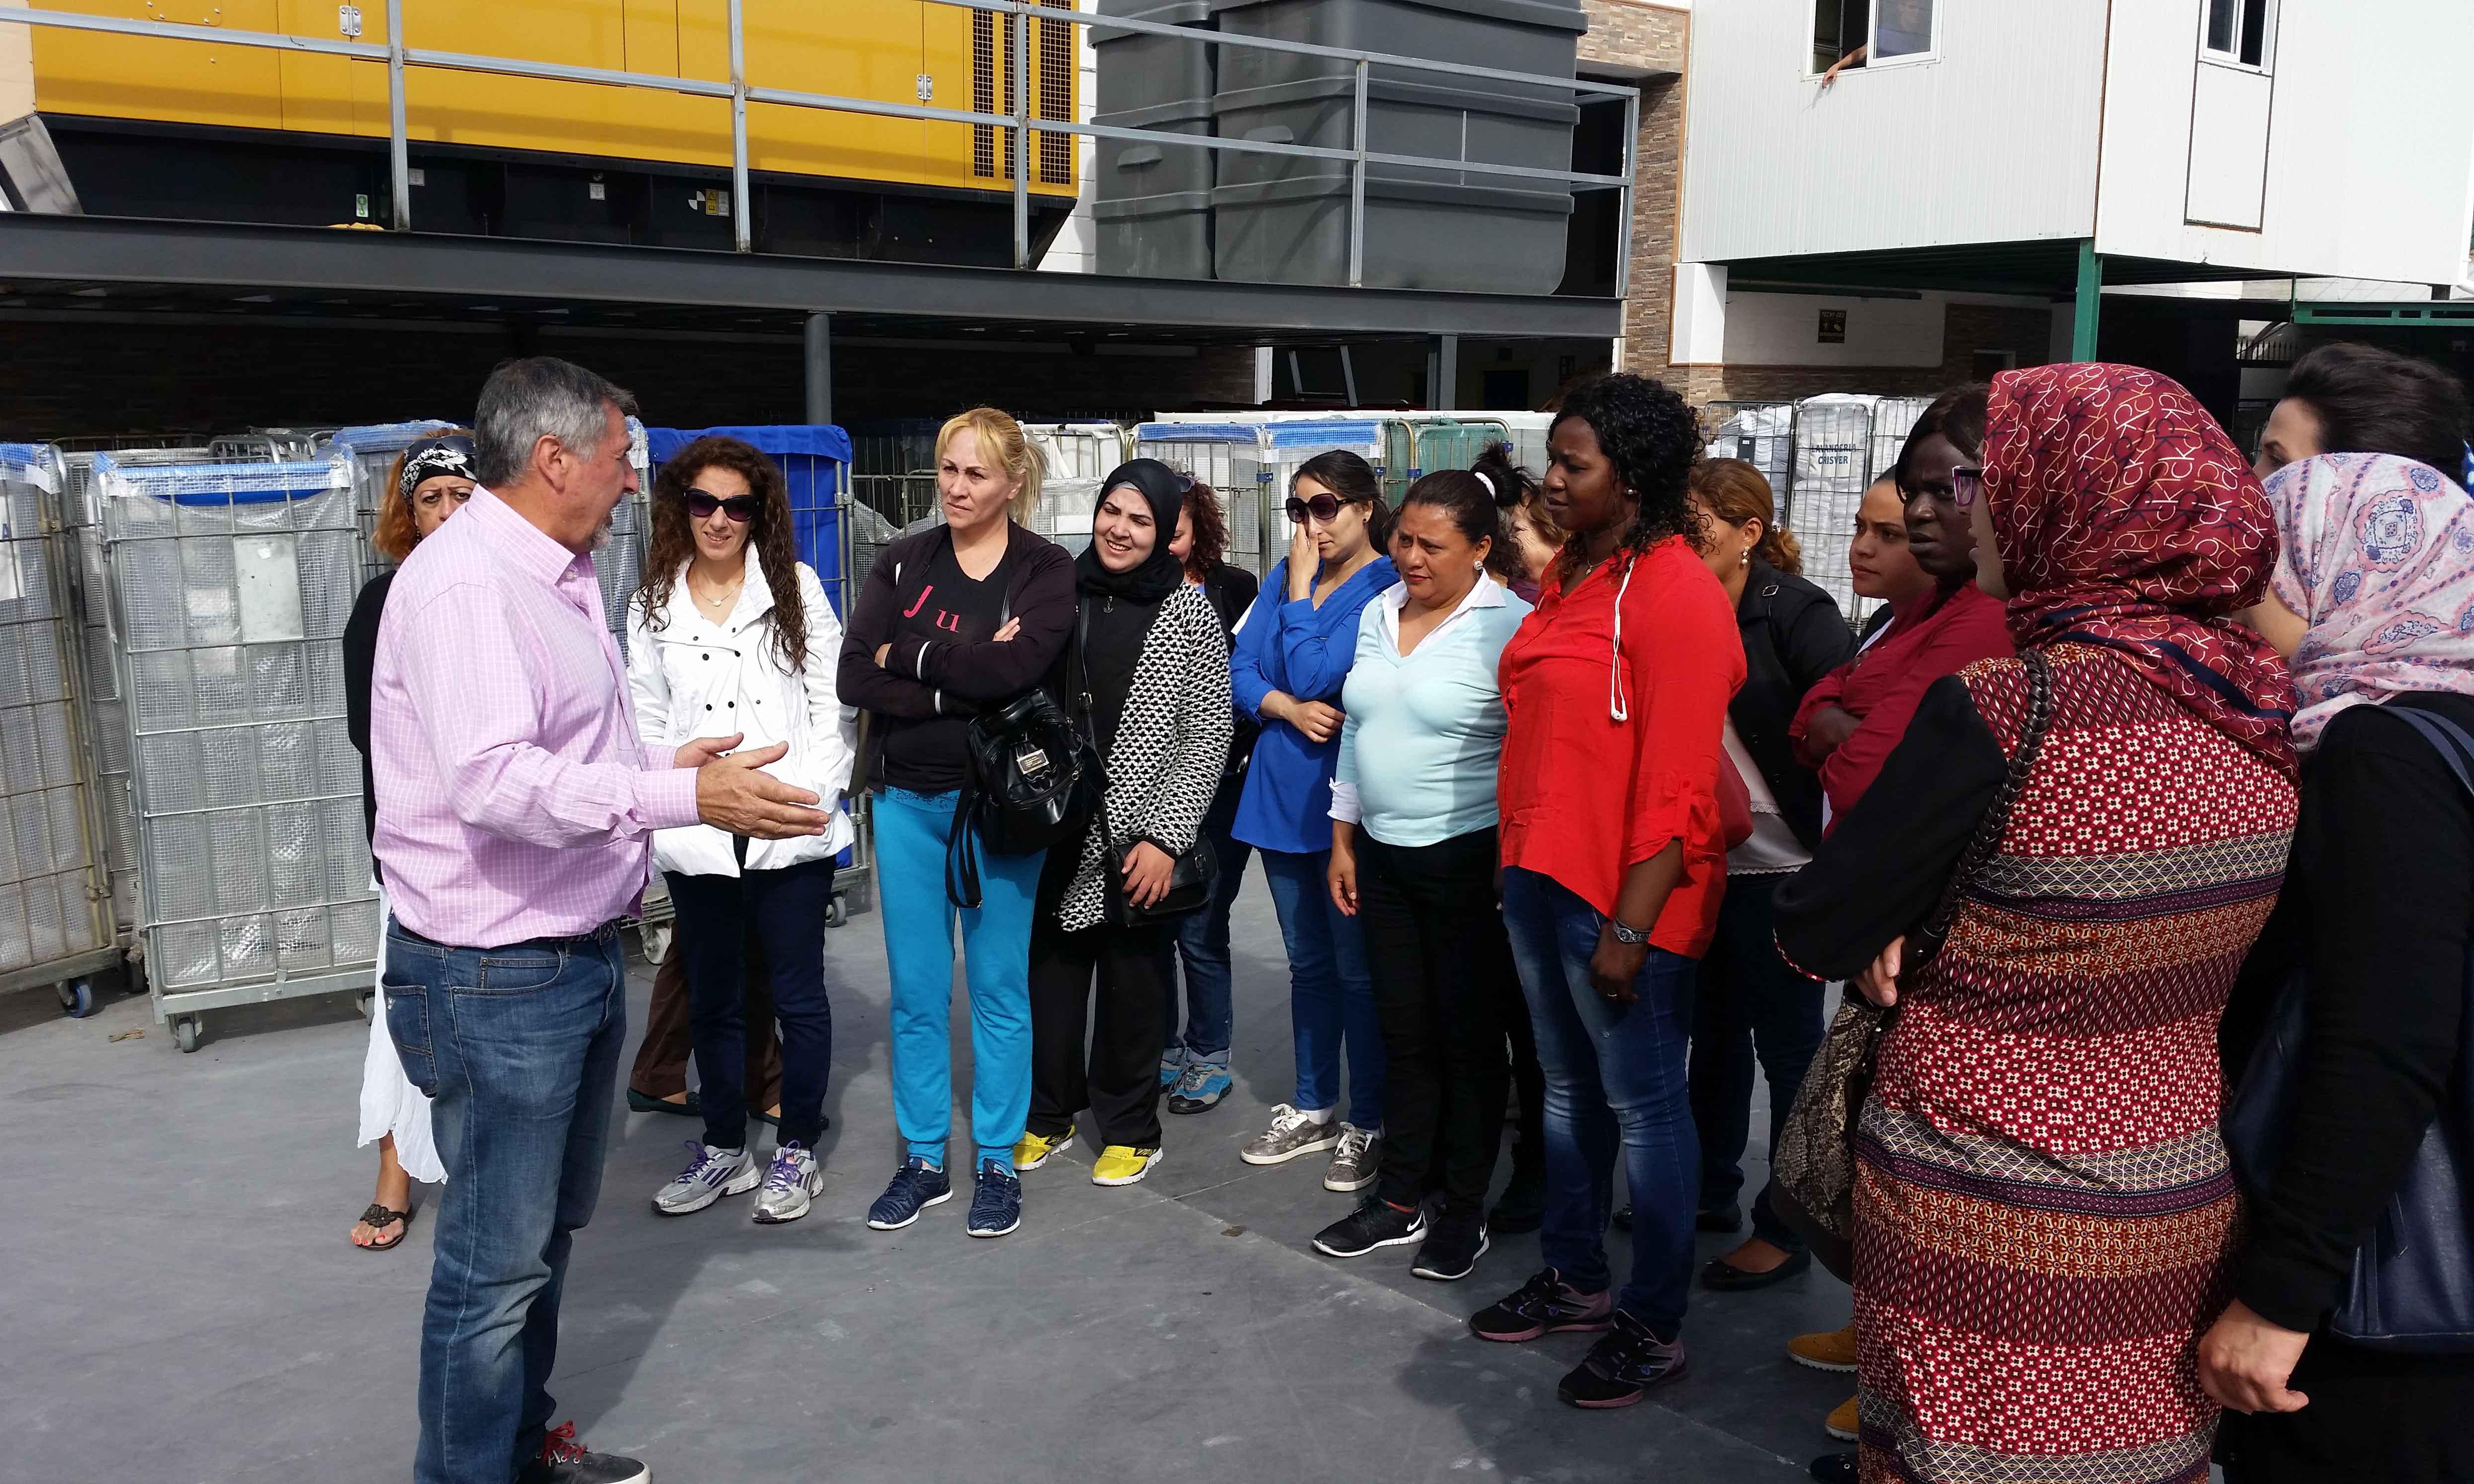 Avanzan los cursos de formación ocupacional en Fuengirola